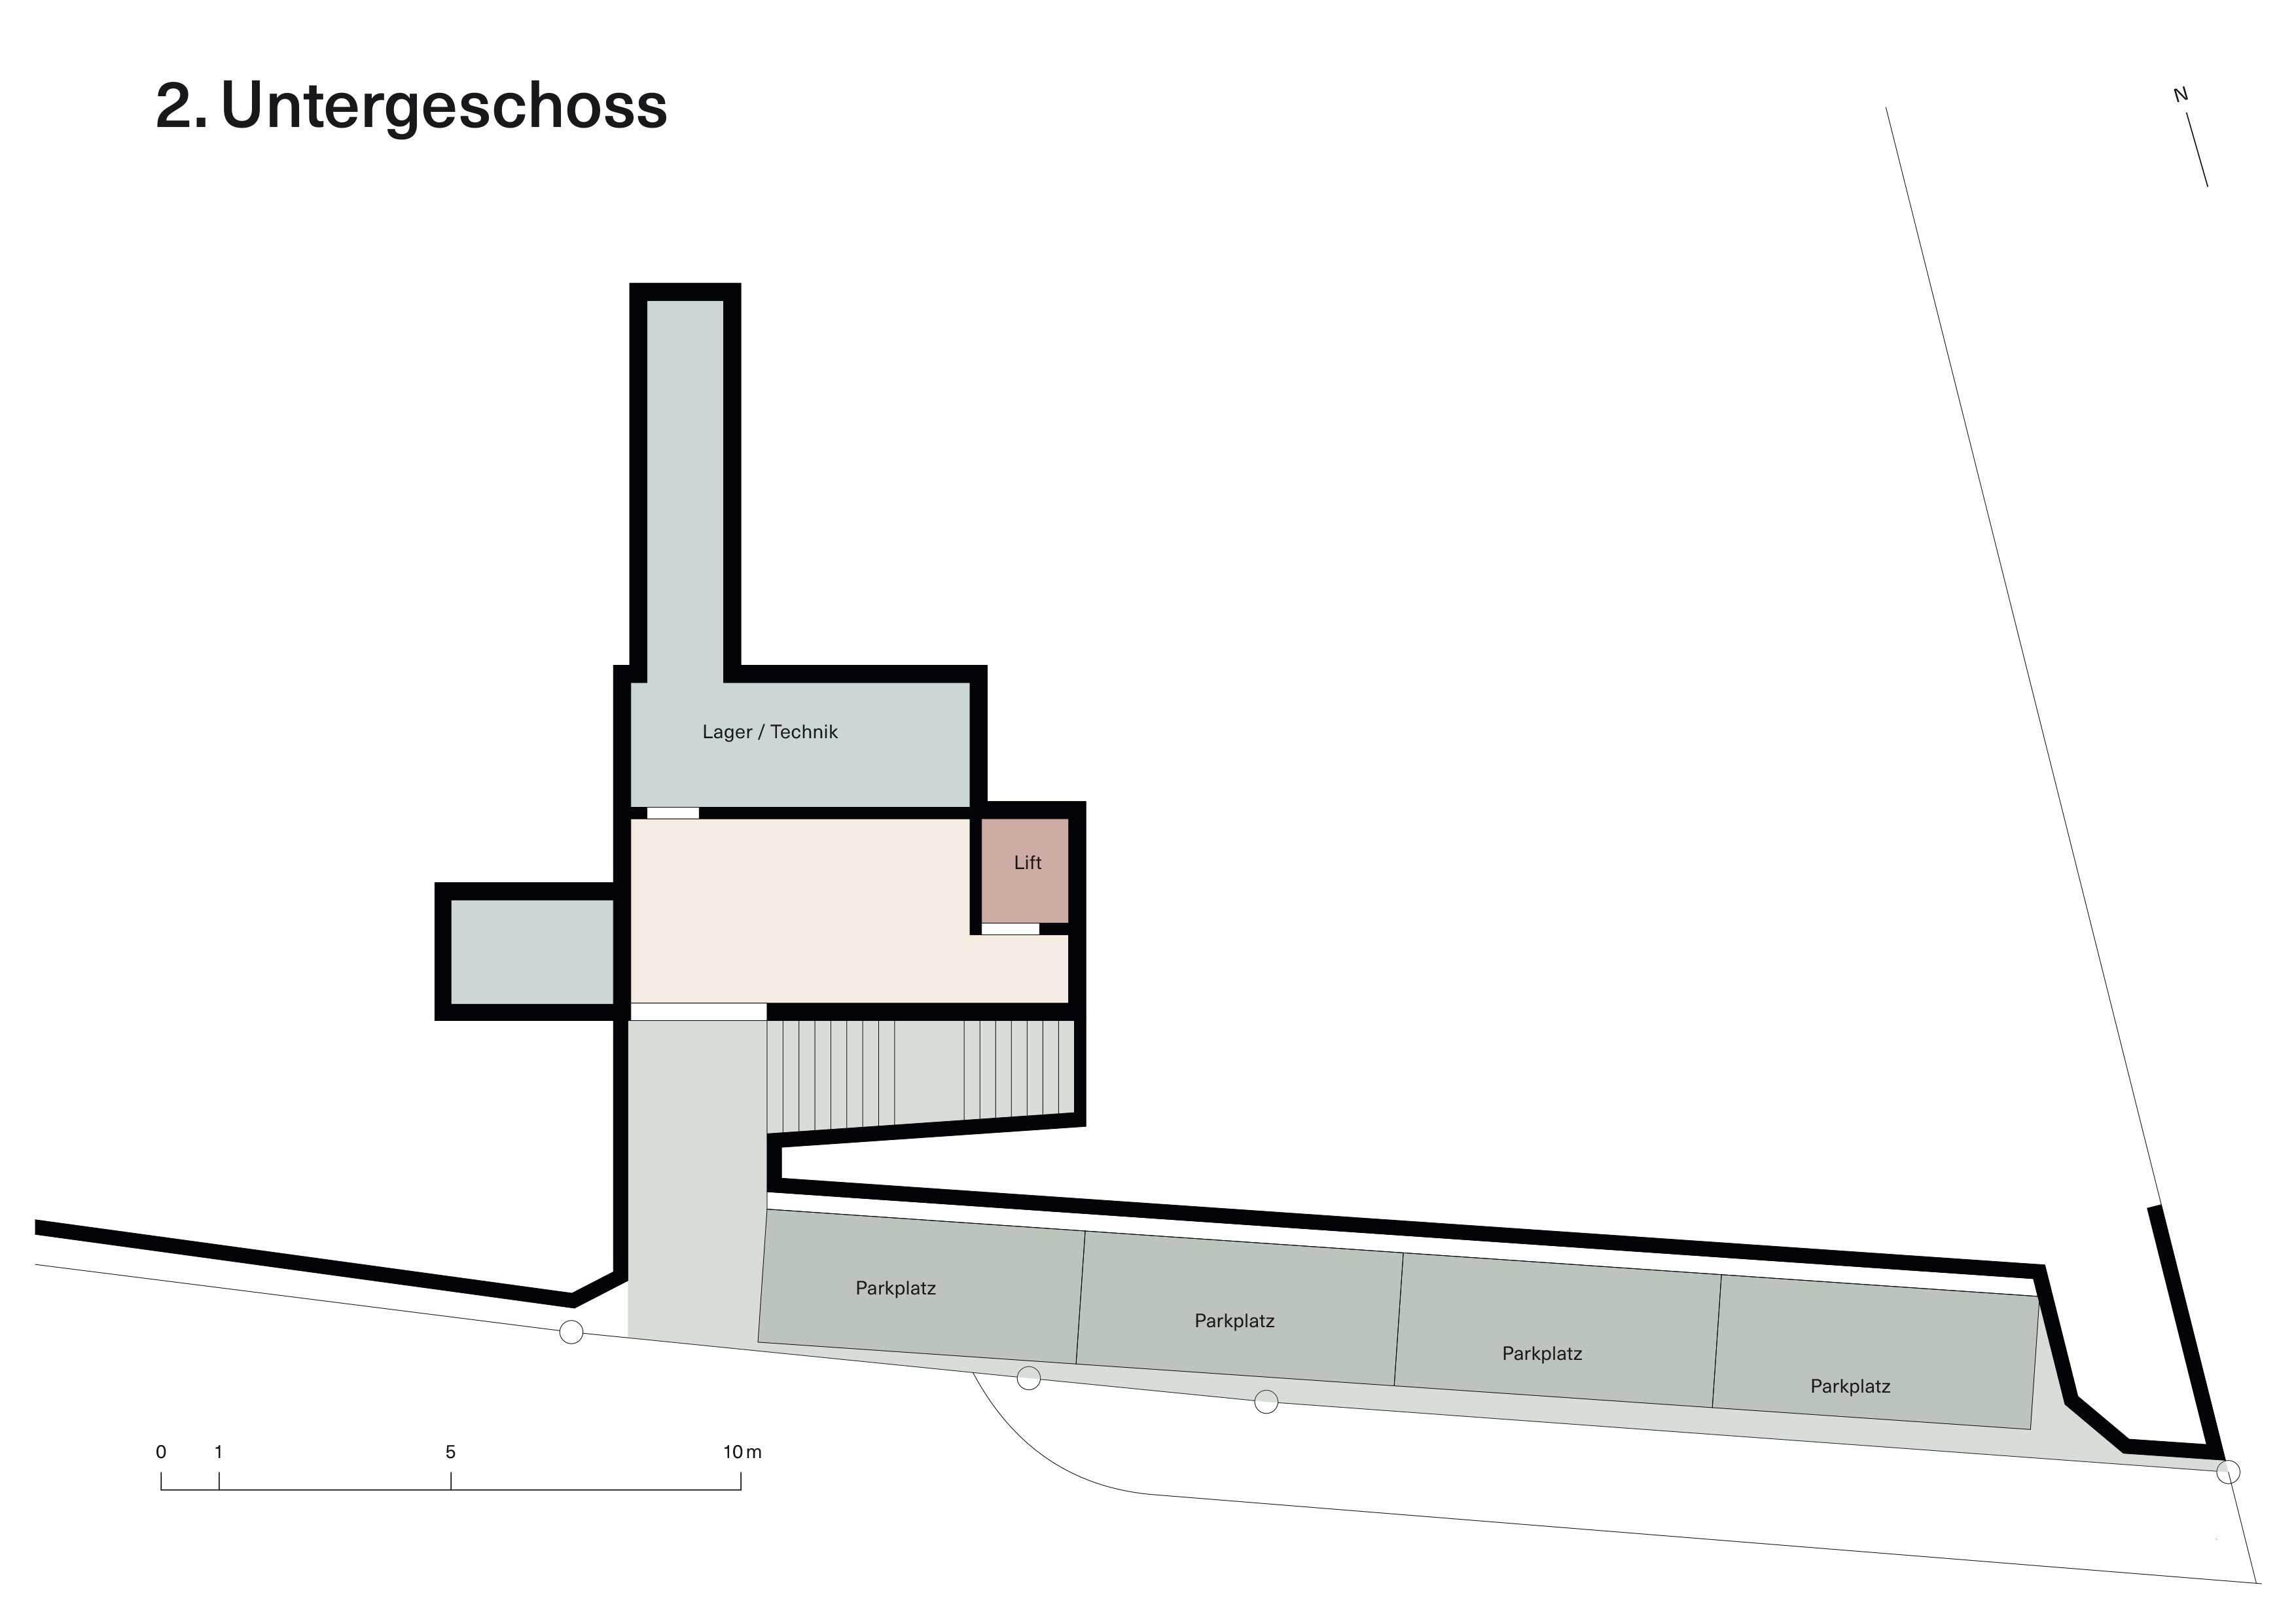 Vorstudie Neubau Untergeschoss2